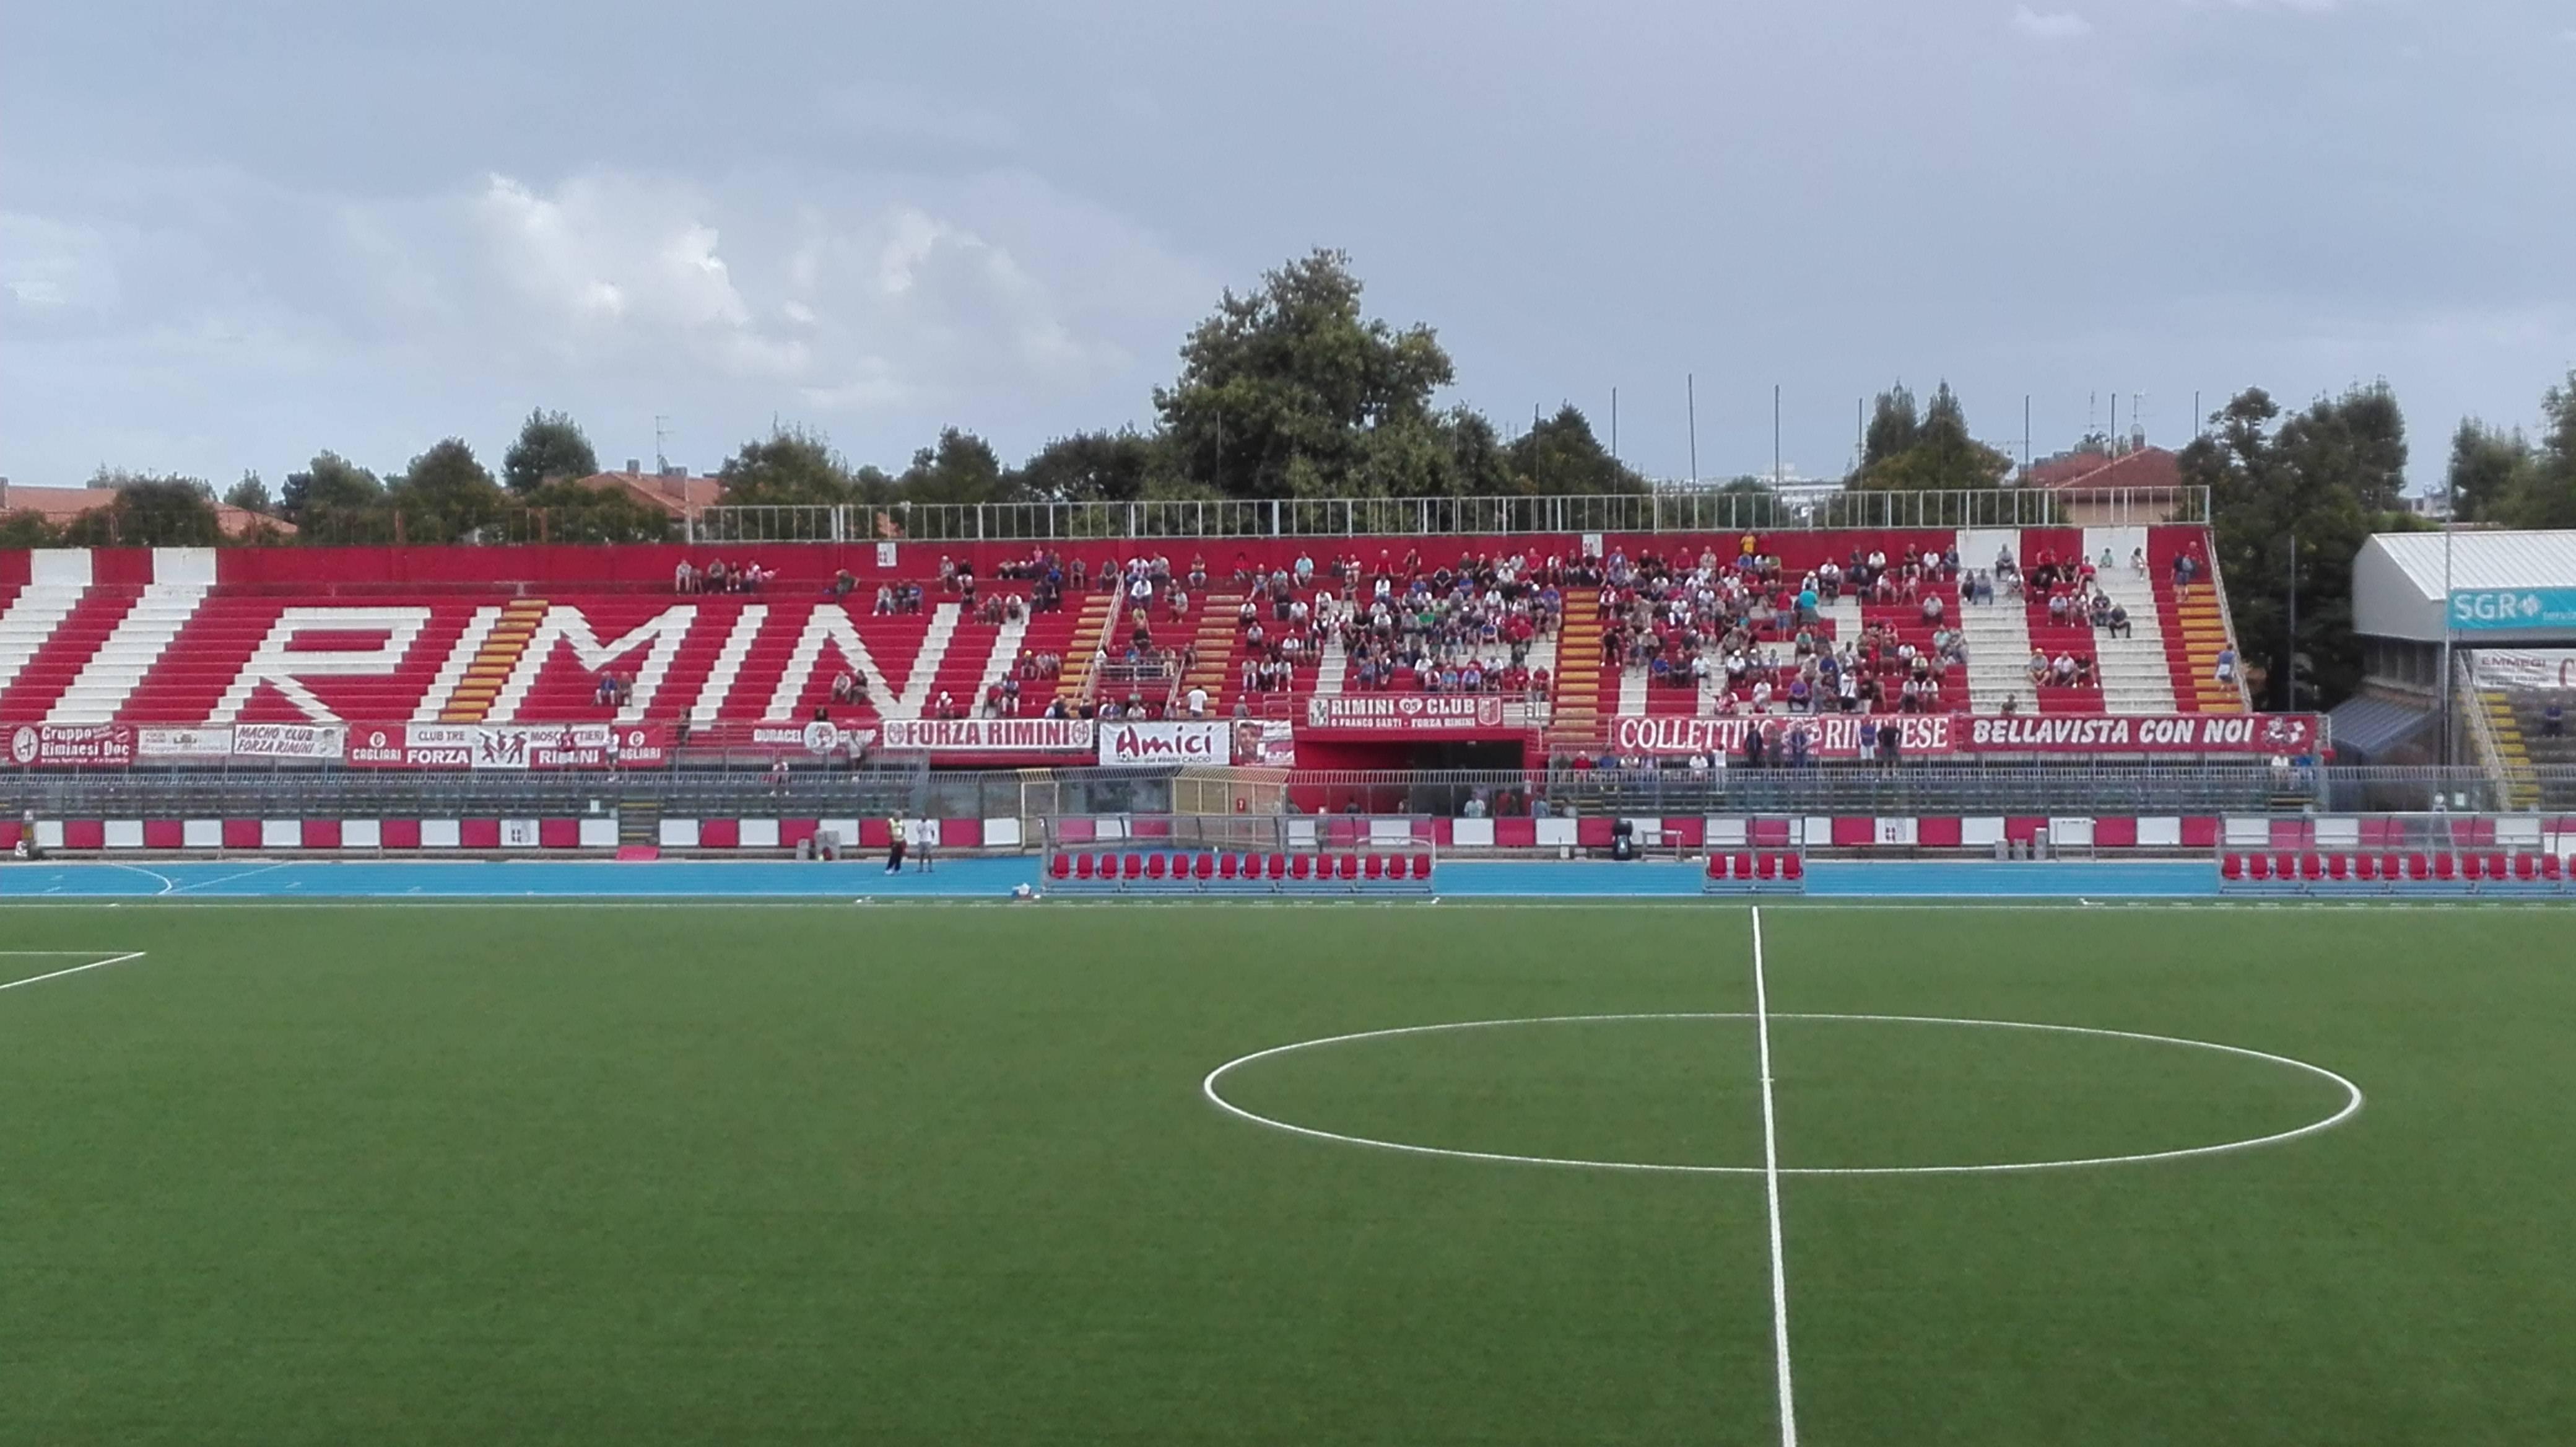 Riimni FC - Romagna Centro si giocherà a porte chiuse